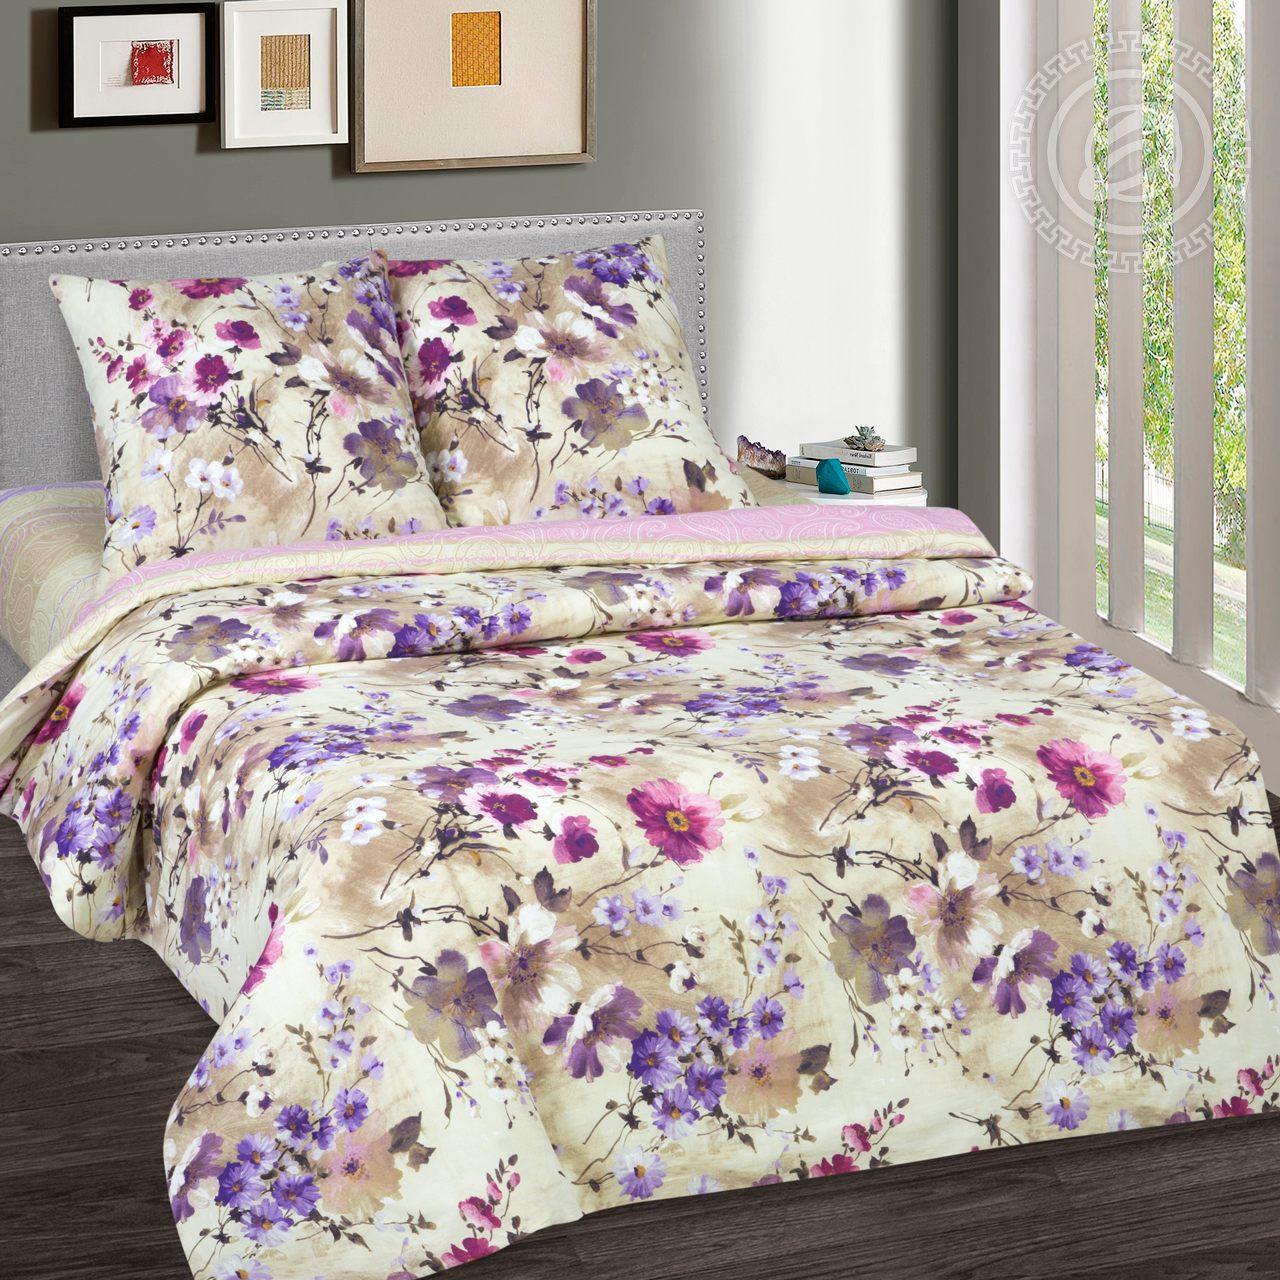 Постельное белье Памела (поплин) (1,5 спальный) постельное белье аманда лен 1 5 спальный